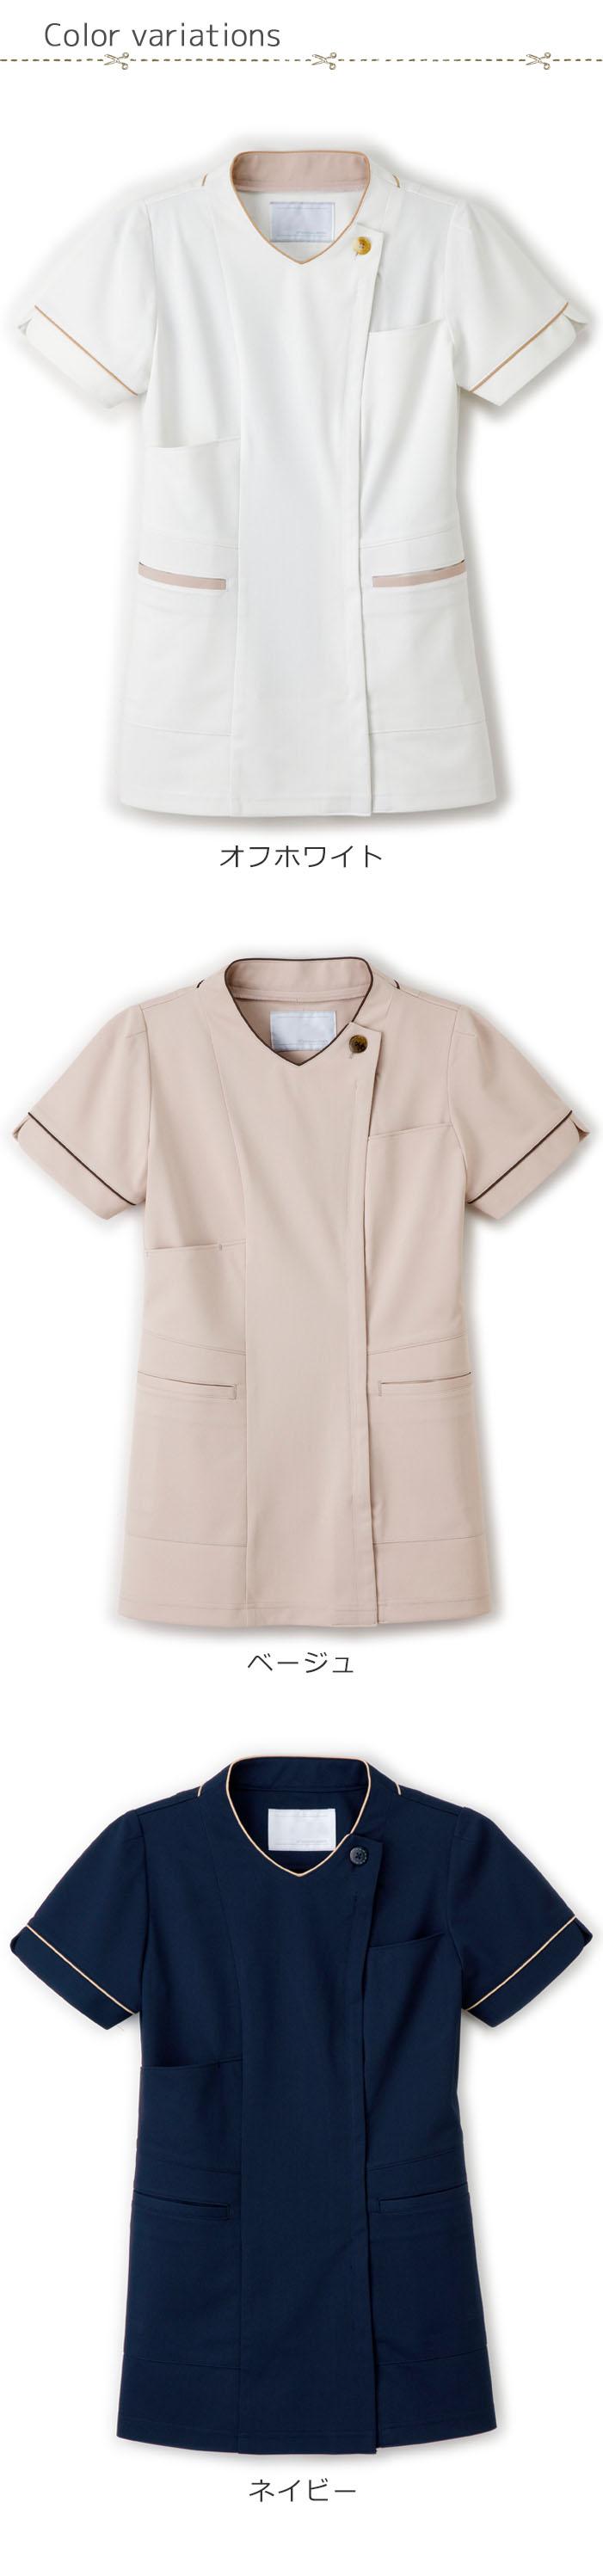 【歯科・美容クリニックユニフォーム】衿ぐりの配色パイピングがやさしい雰囲気。チュニック【女性用3色】